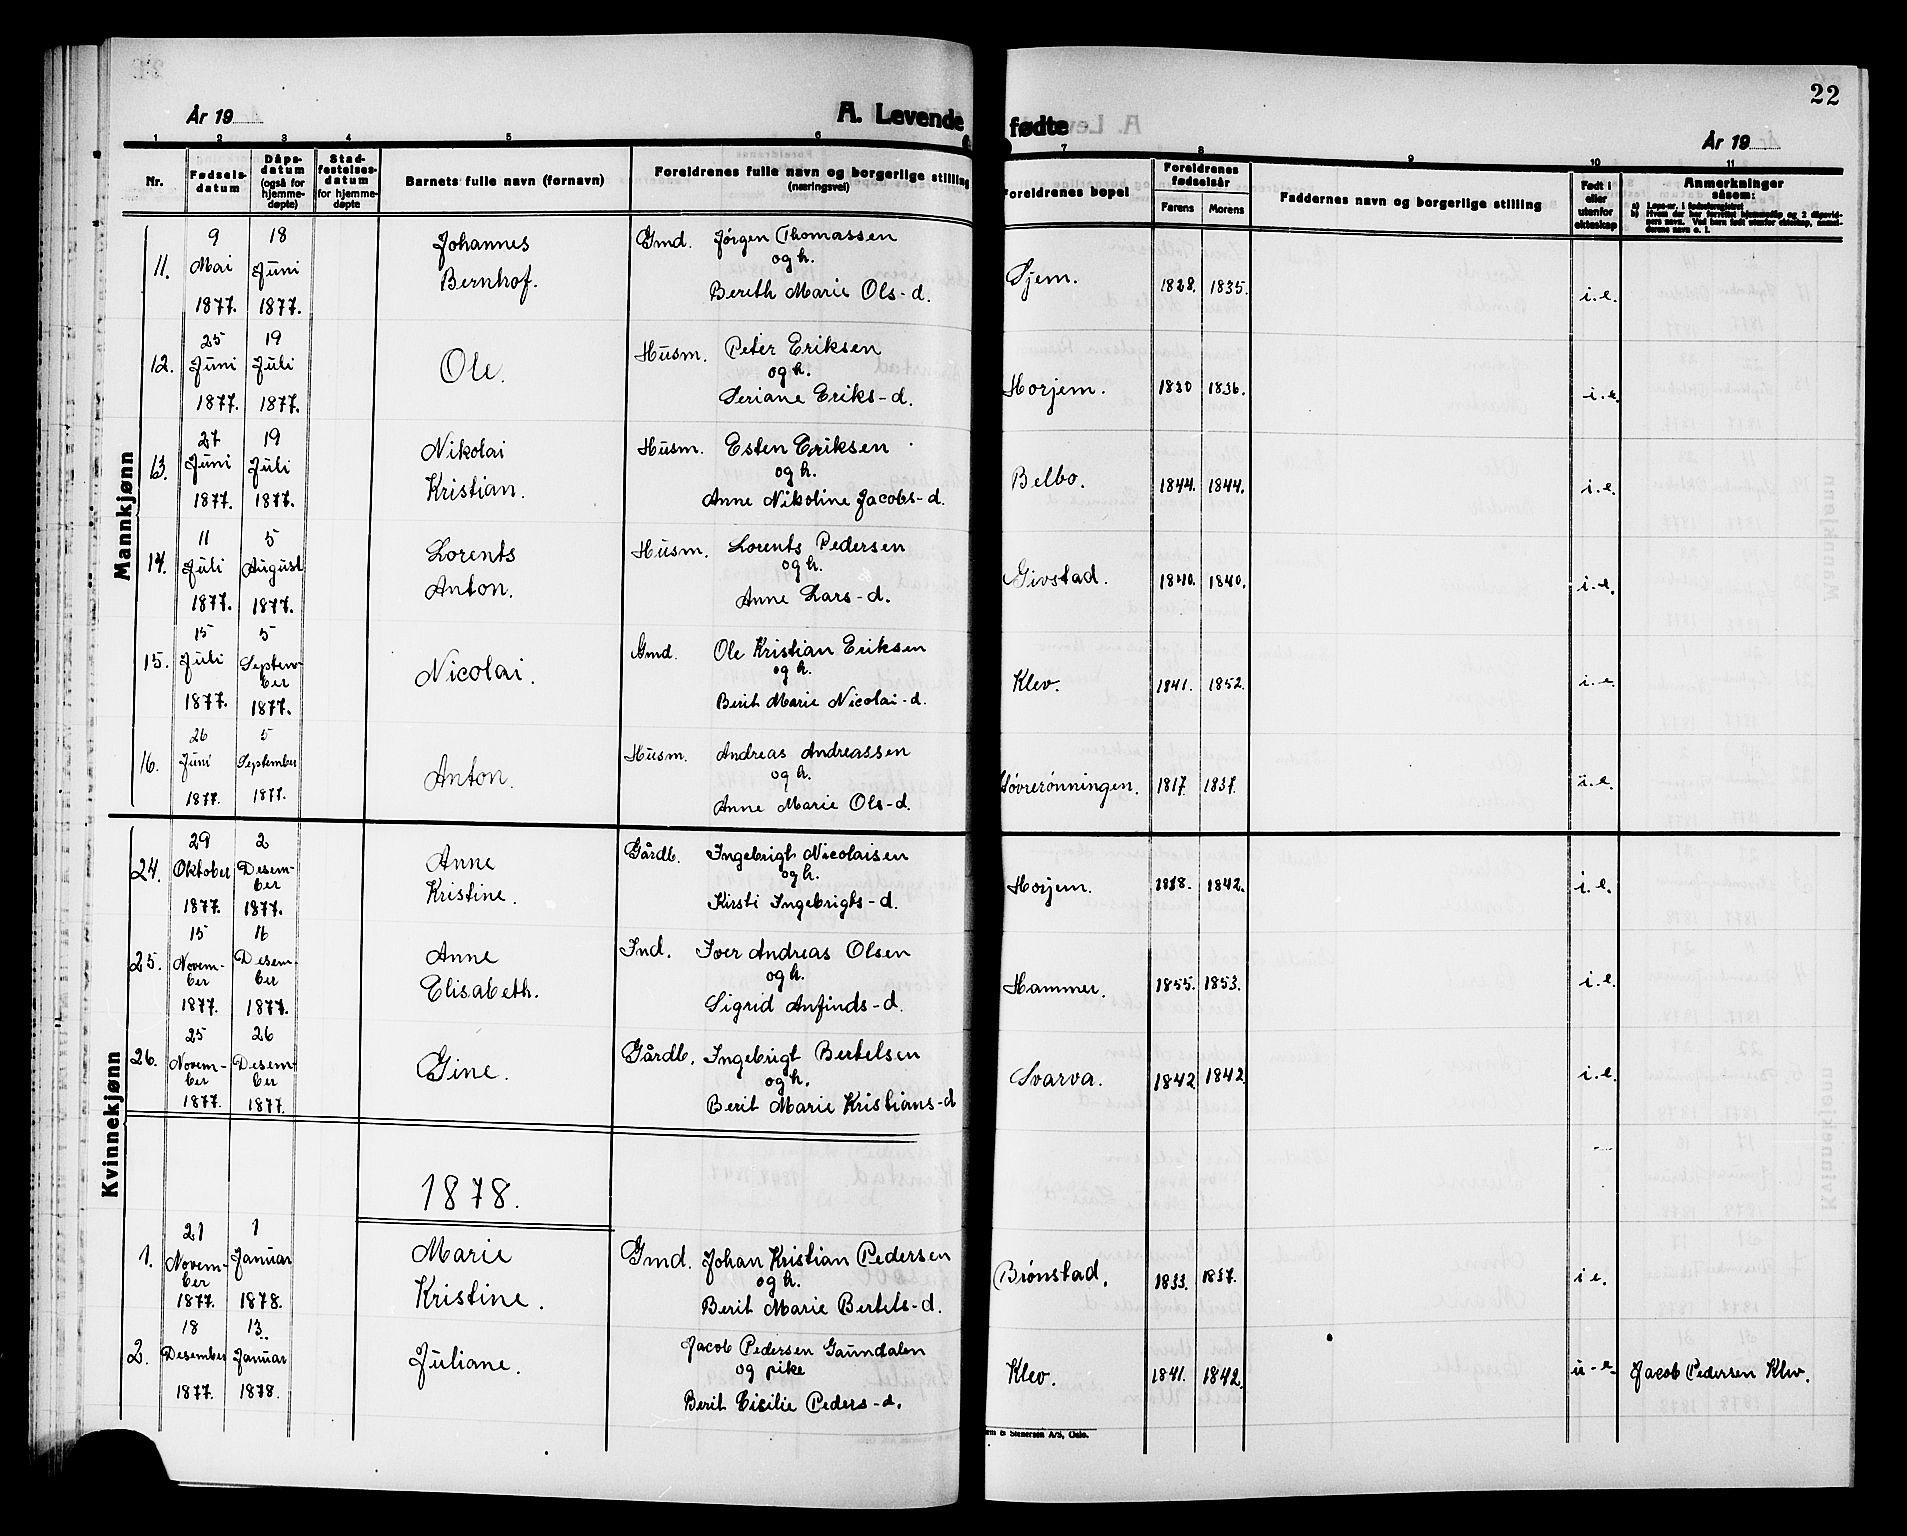 SAT, Ministerialprotokoller, klokkerbøker og fødselsregistre - Nord-Trøndelag, 749/L0486: Ministerialbok nr. 749D02, 1873-1887, s. 22